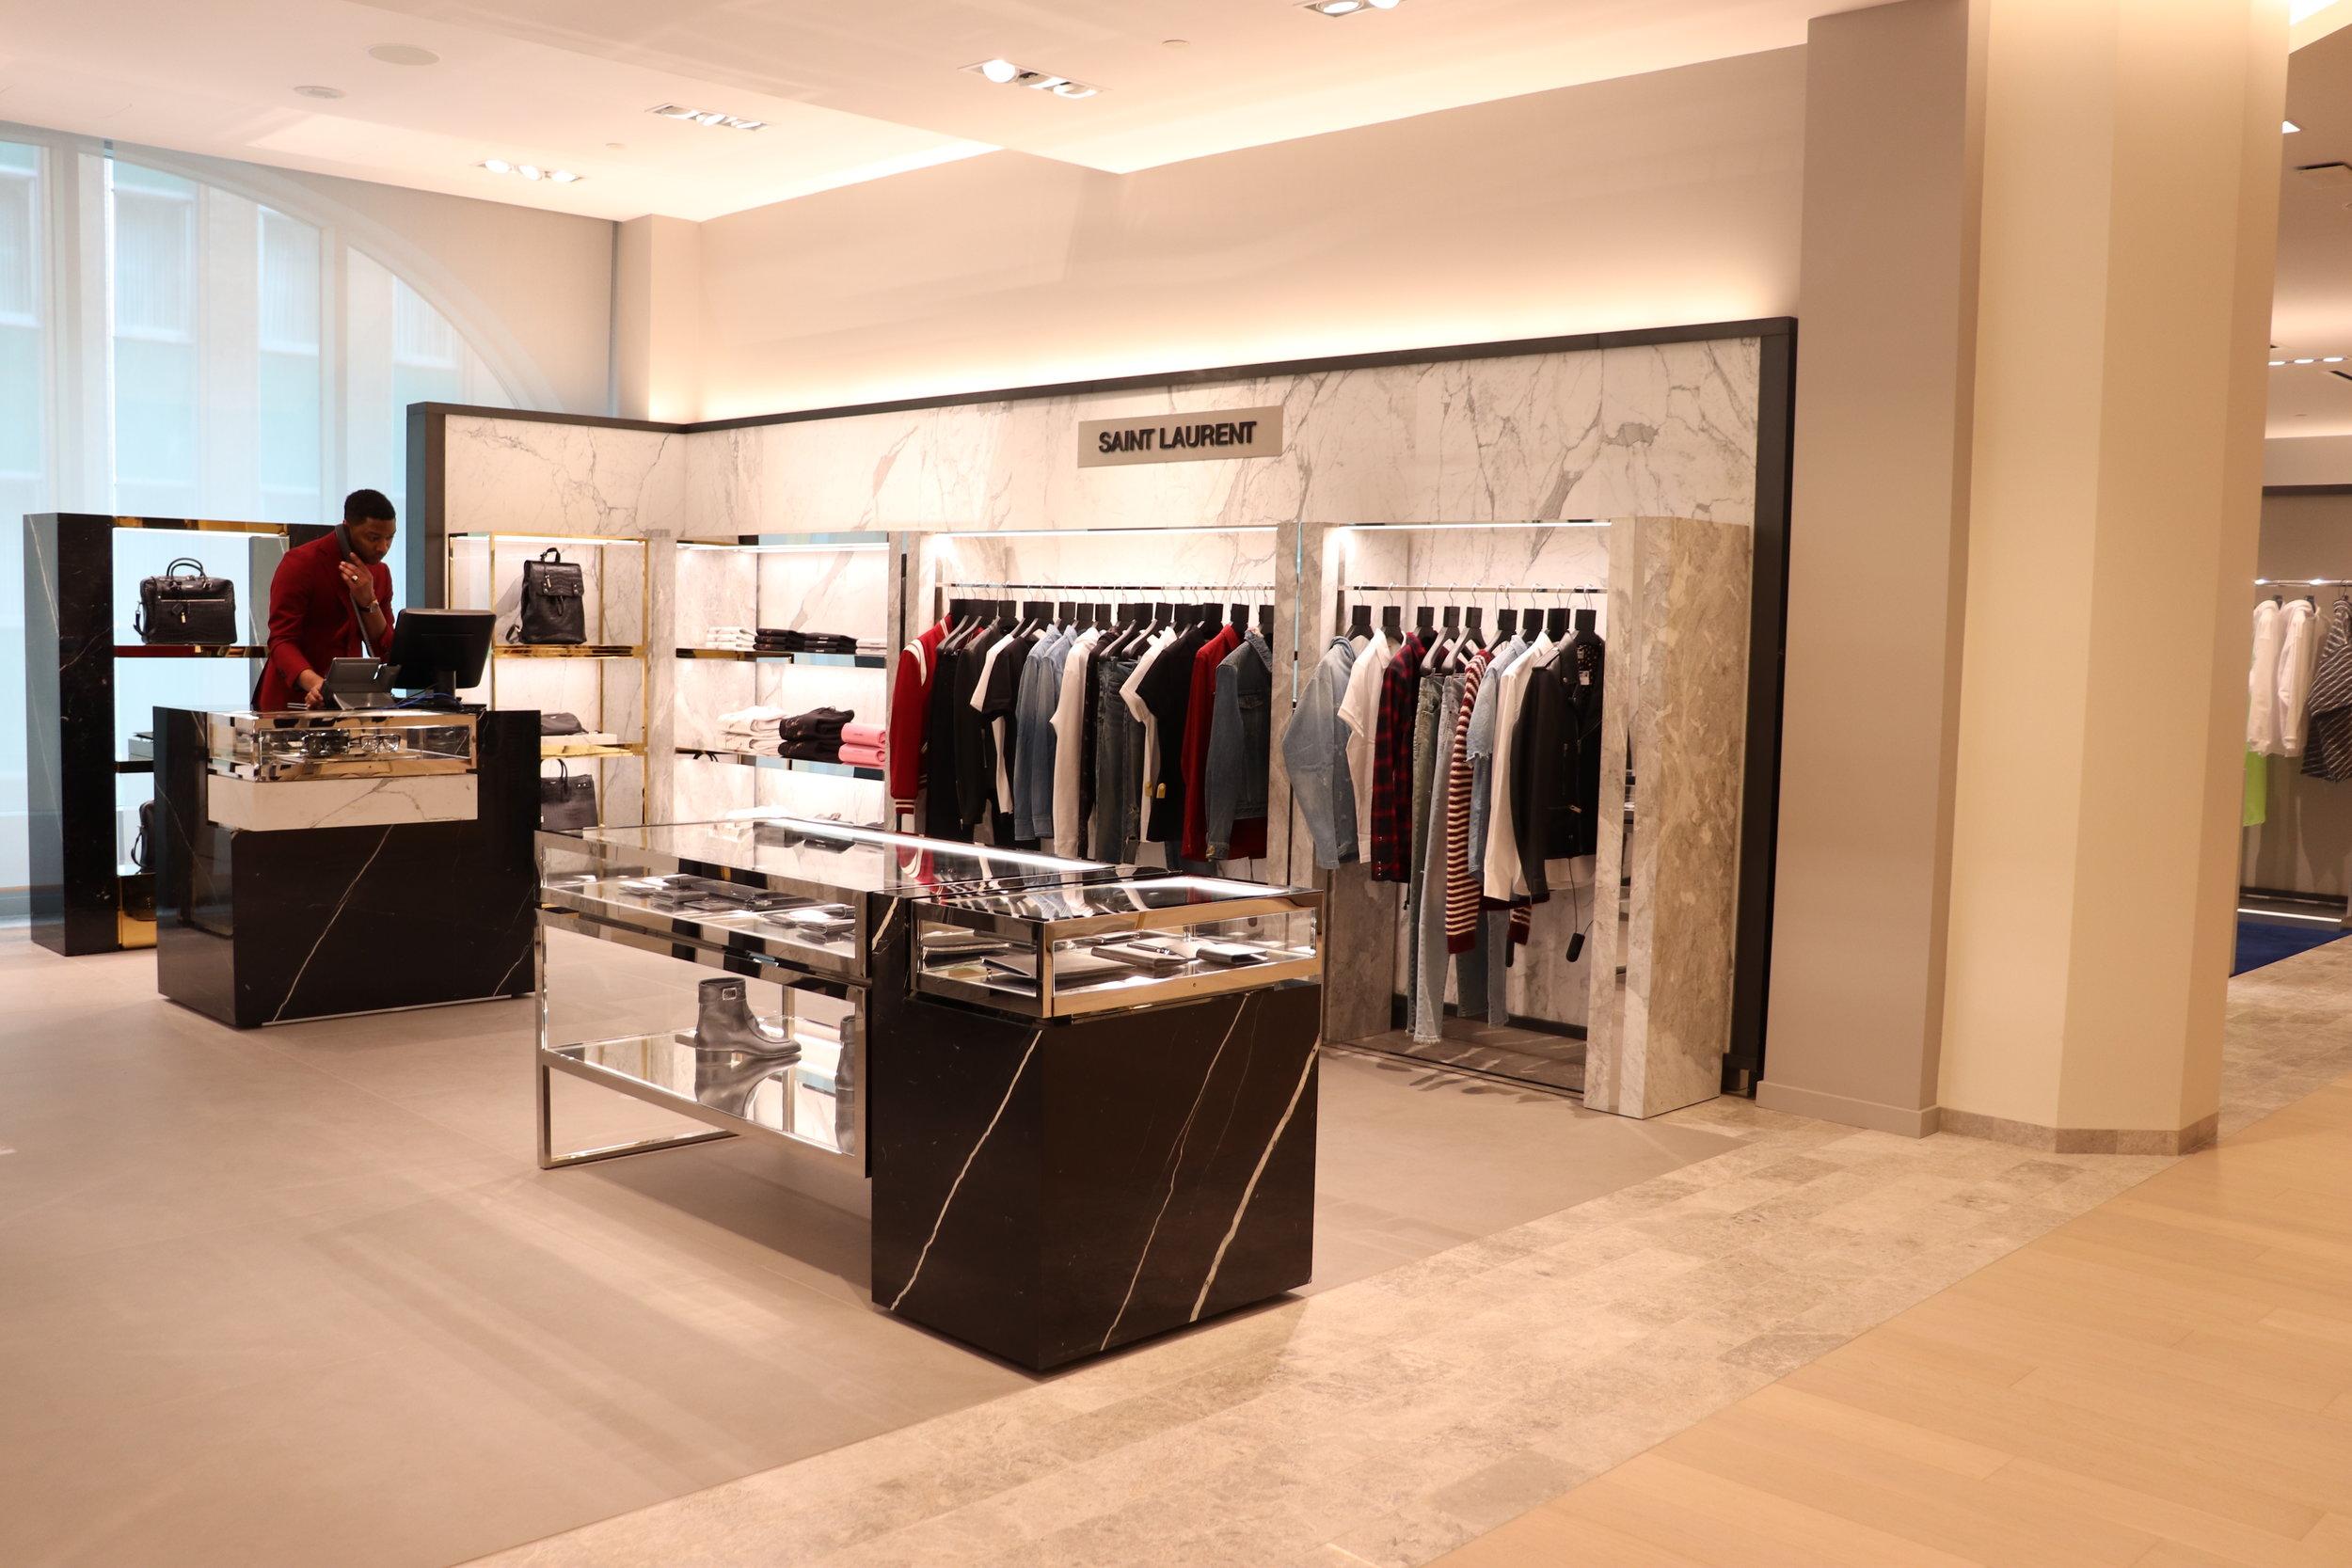 Saint Laurent boutique. Photo: Maxime Frechette